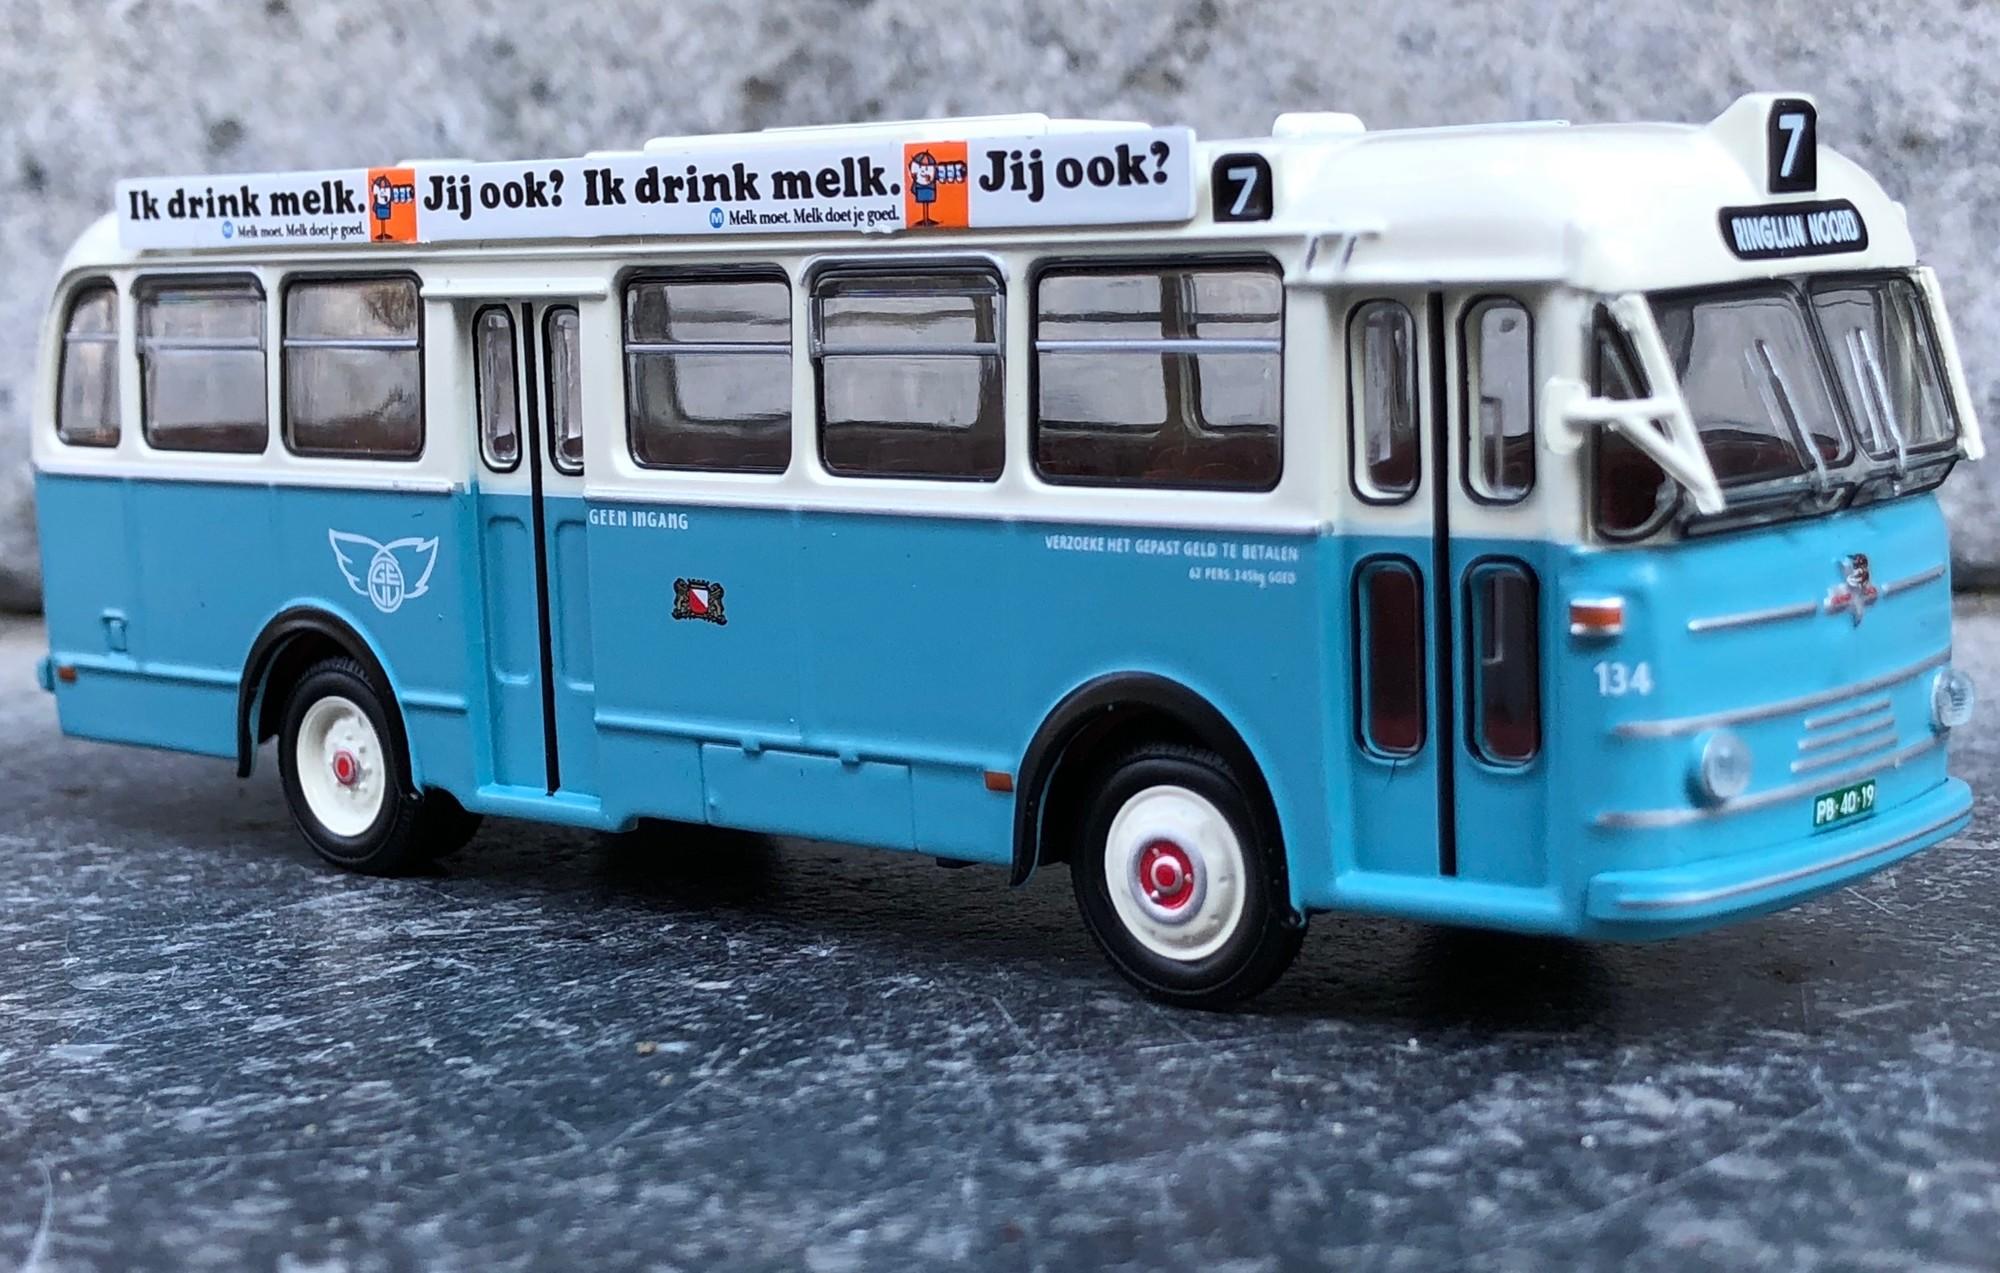 Holland Coach GEVU 134 - Lijn 7 Ringlijn Noord